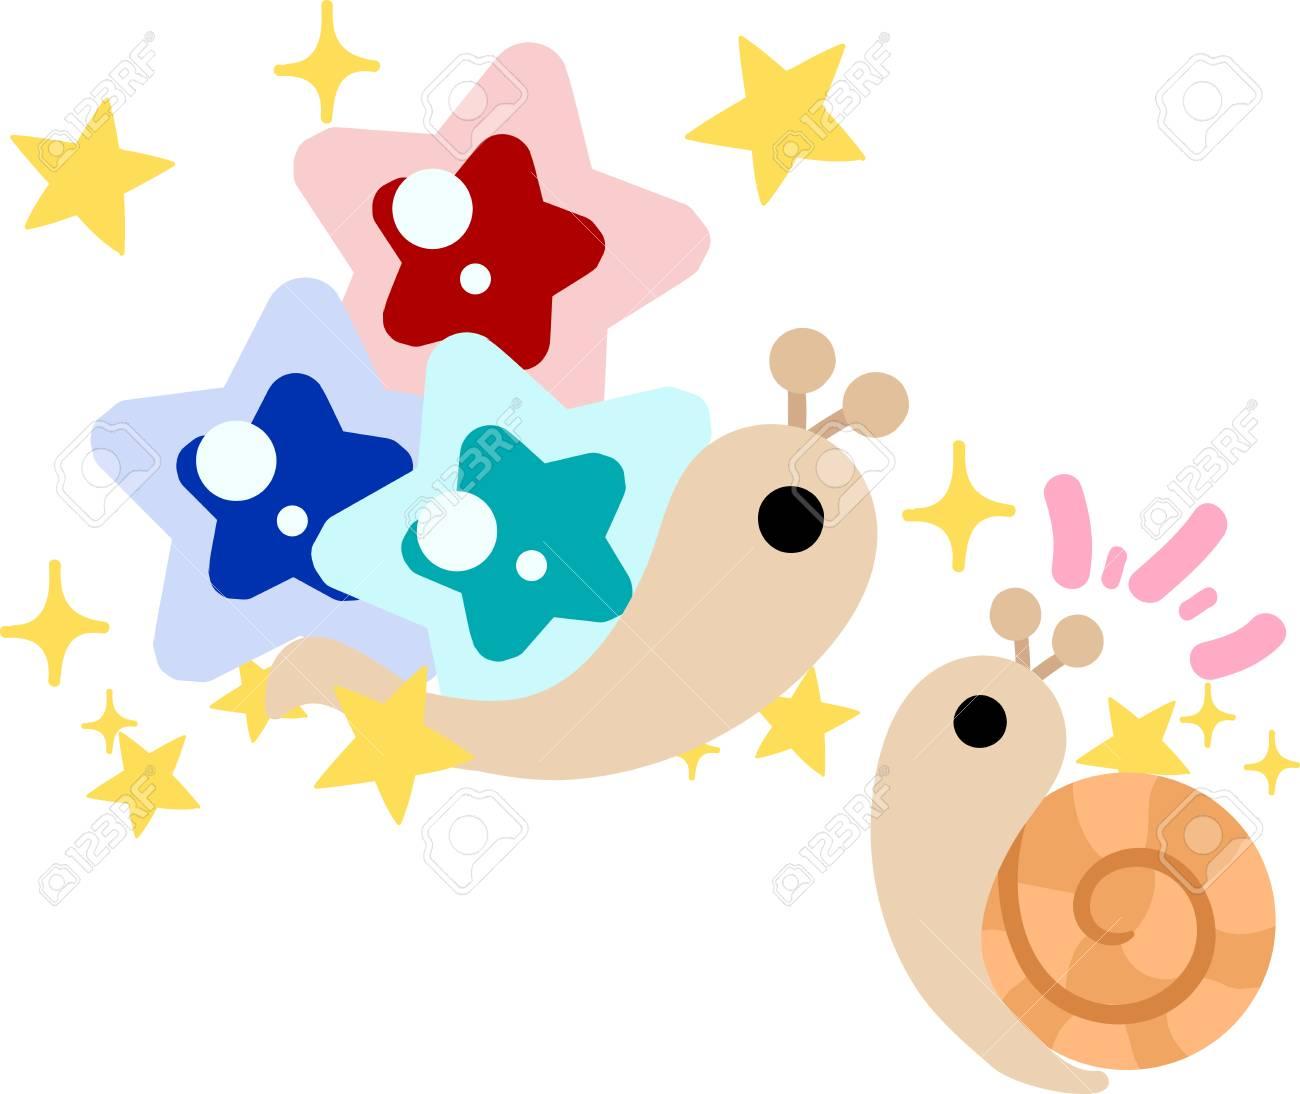 Mi Ilustración Original De Caracoles Y Estrellas Bonitas Joya